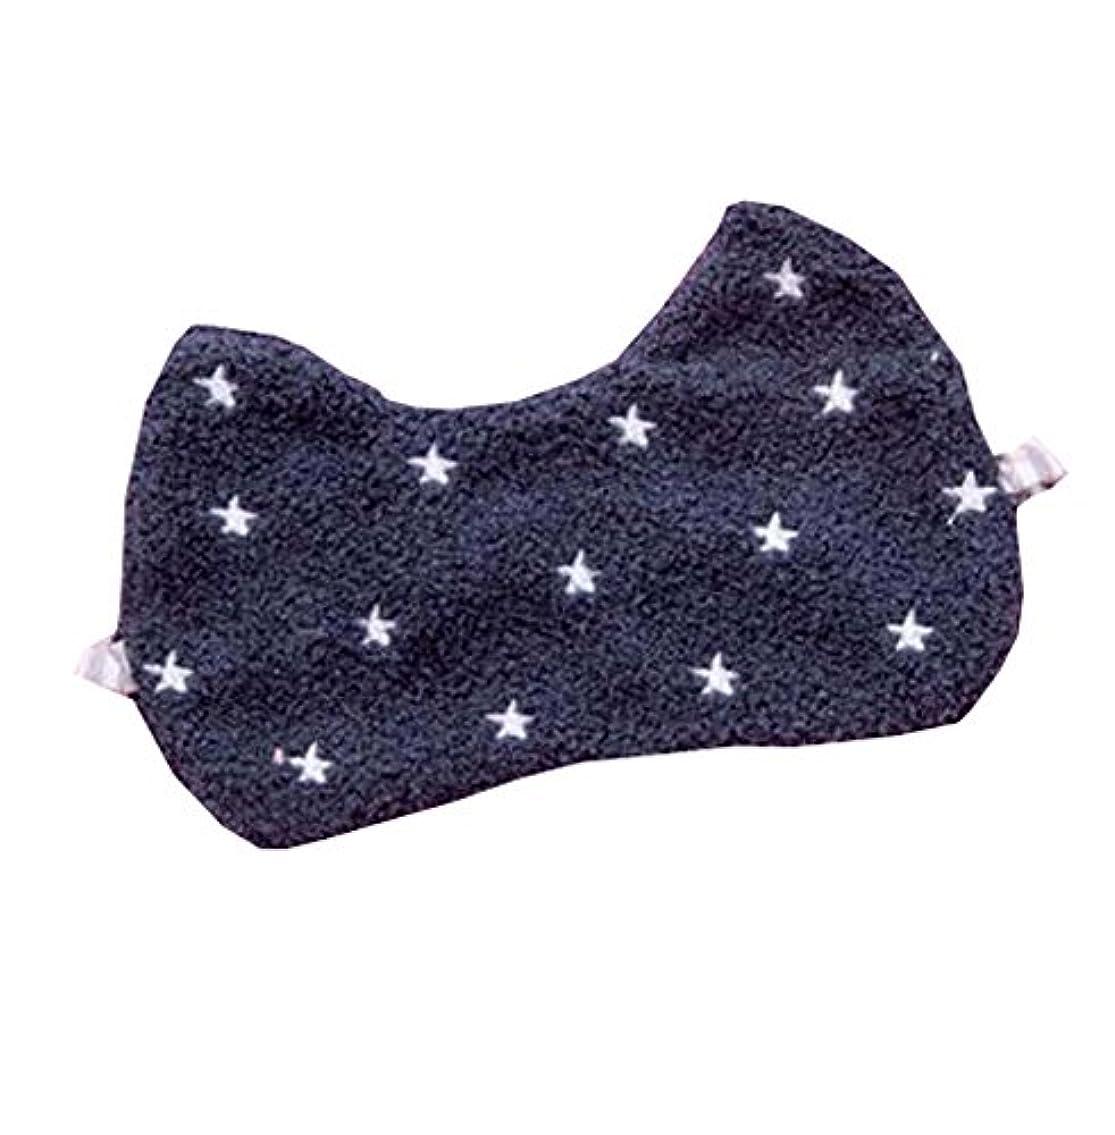 見るセグメント感じ女の子の旅行スリーピングアイシェード - 目隠しナップカバーアイマスク睡眠改善、E